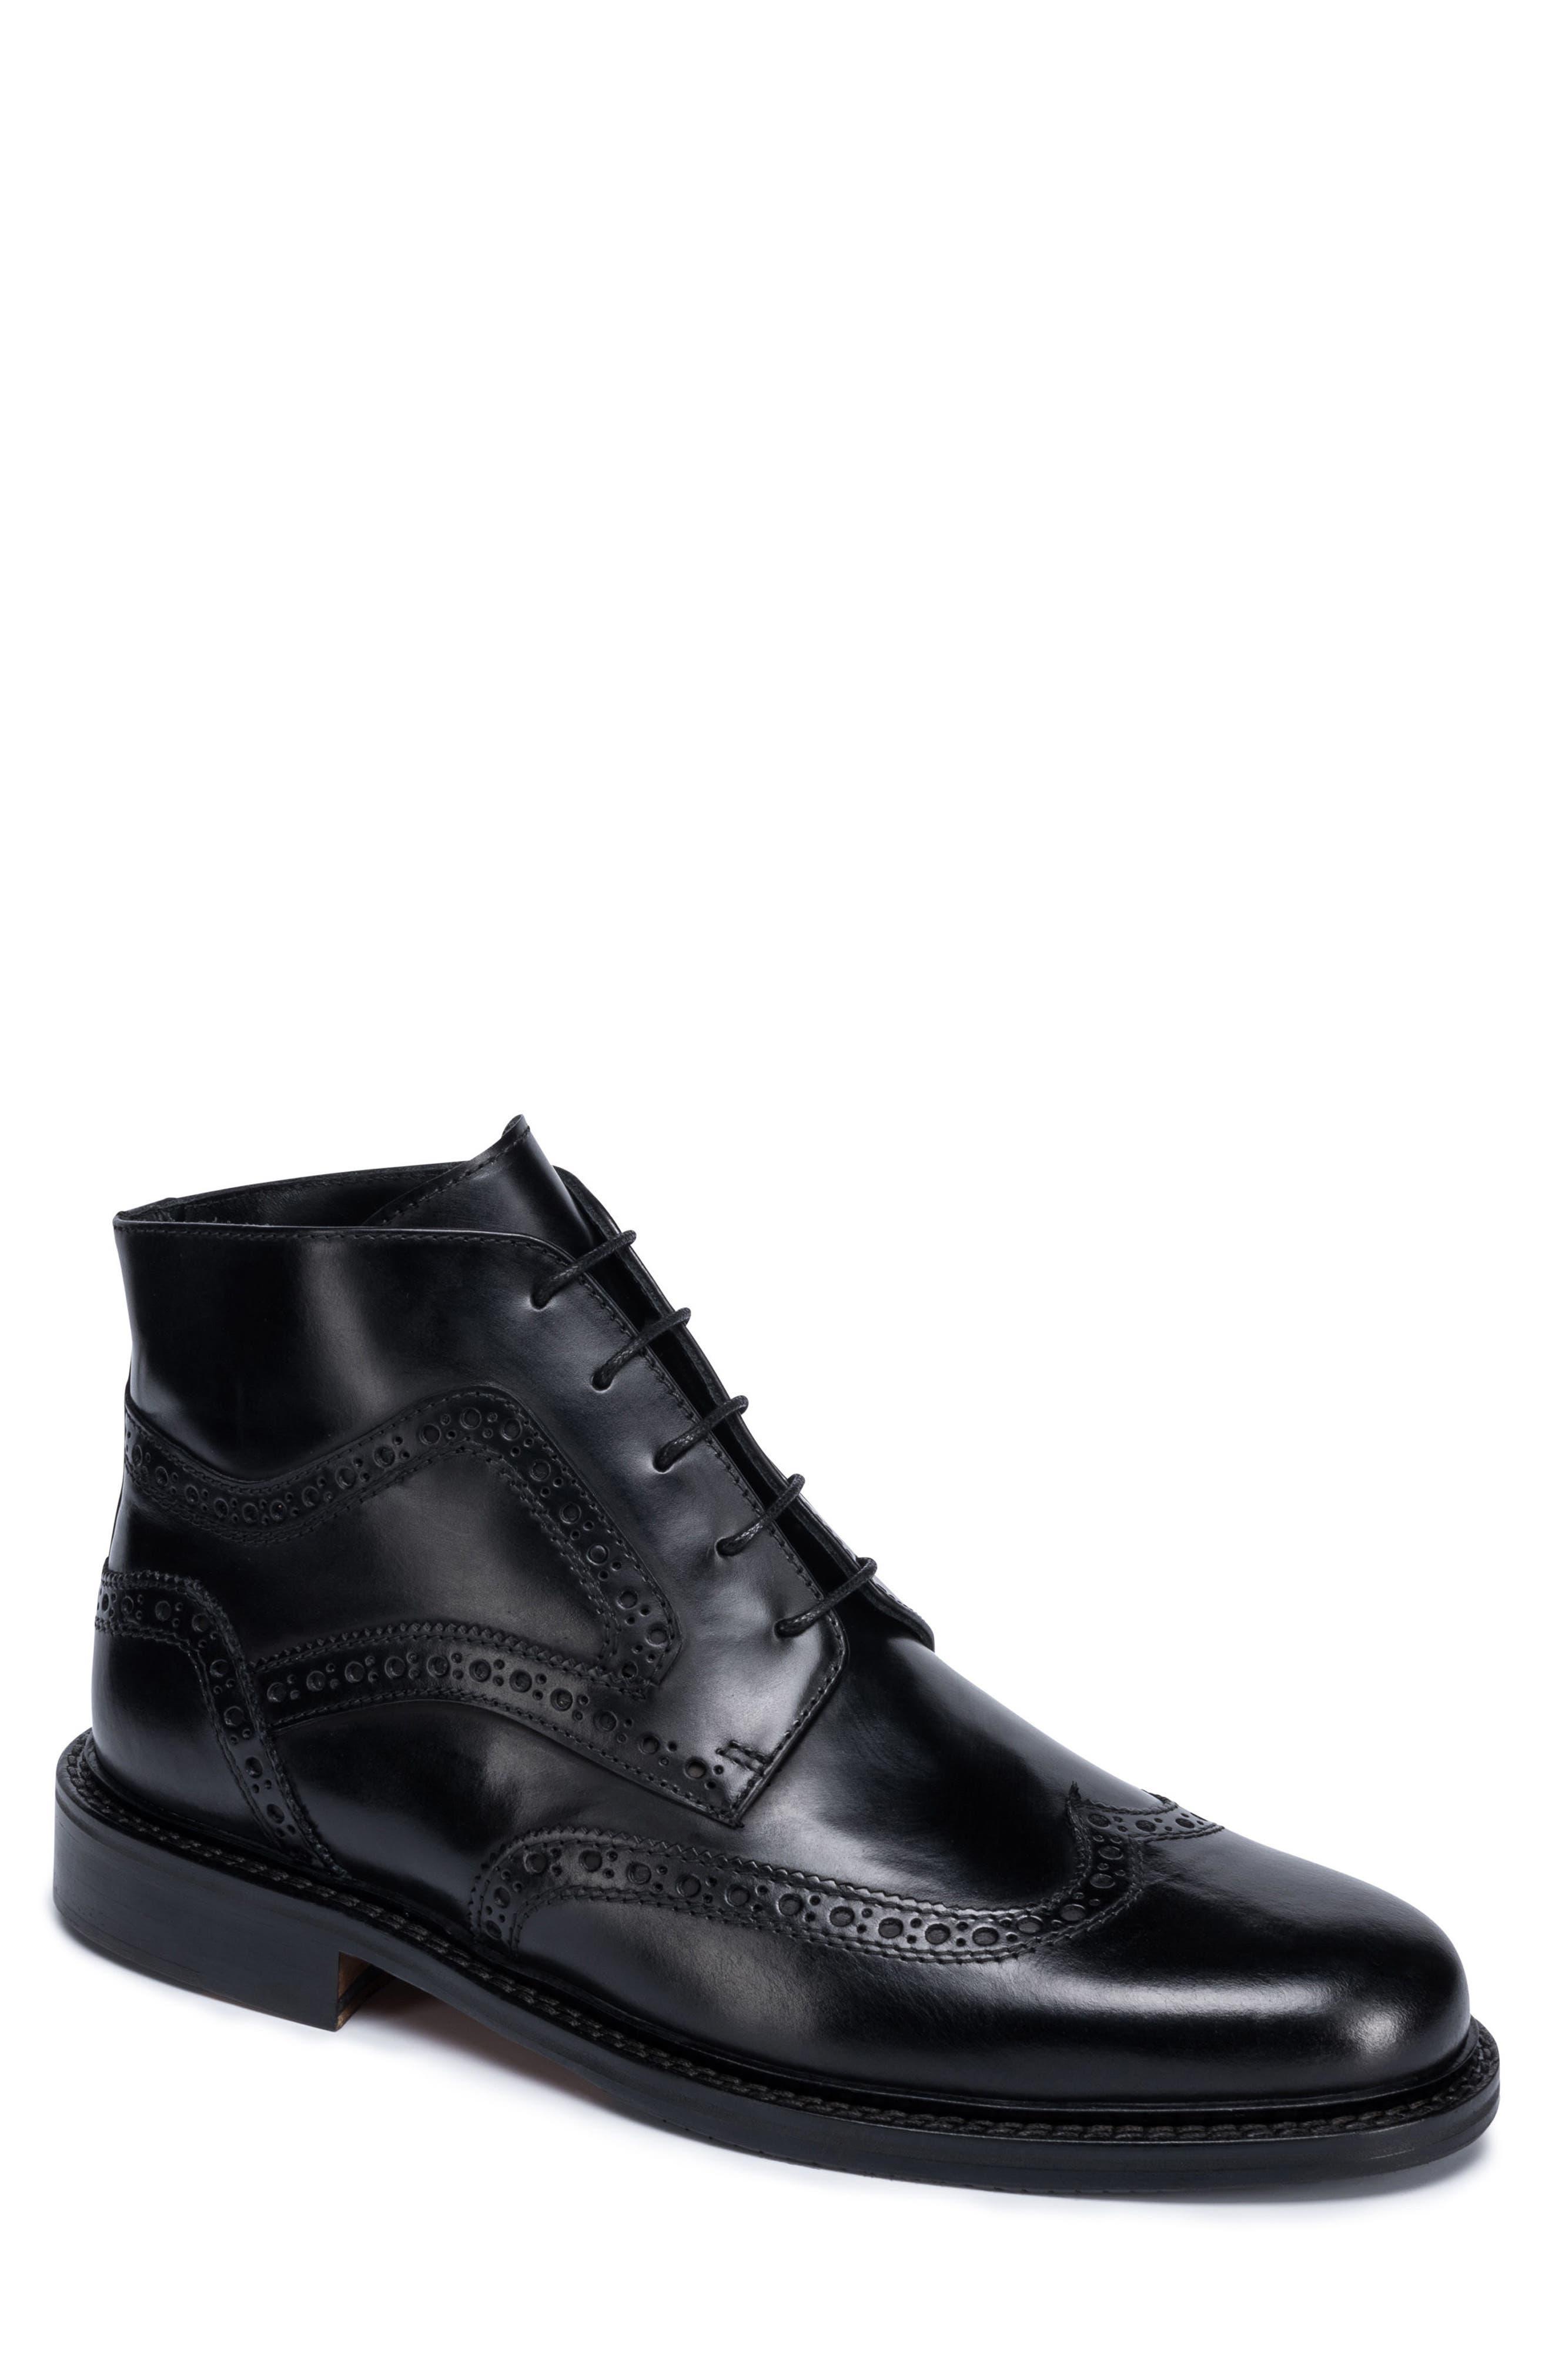 Toscano Wingtip Boot,                         Main,                         color, Nero